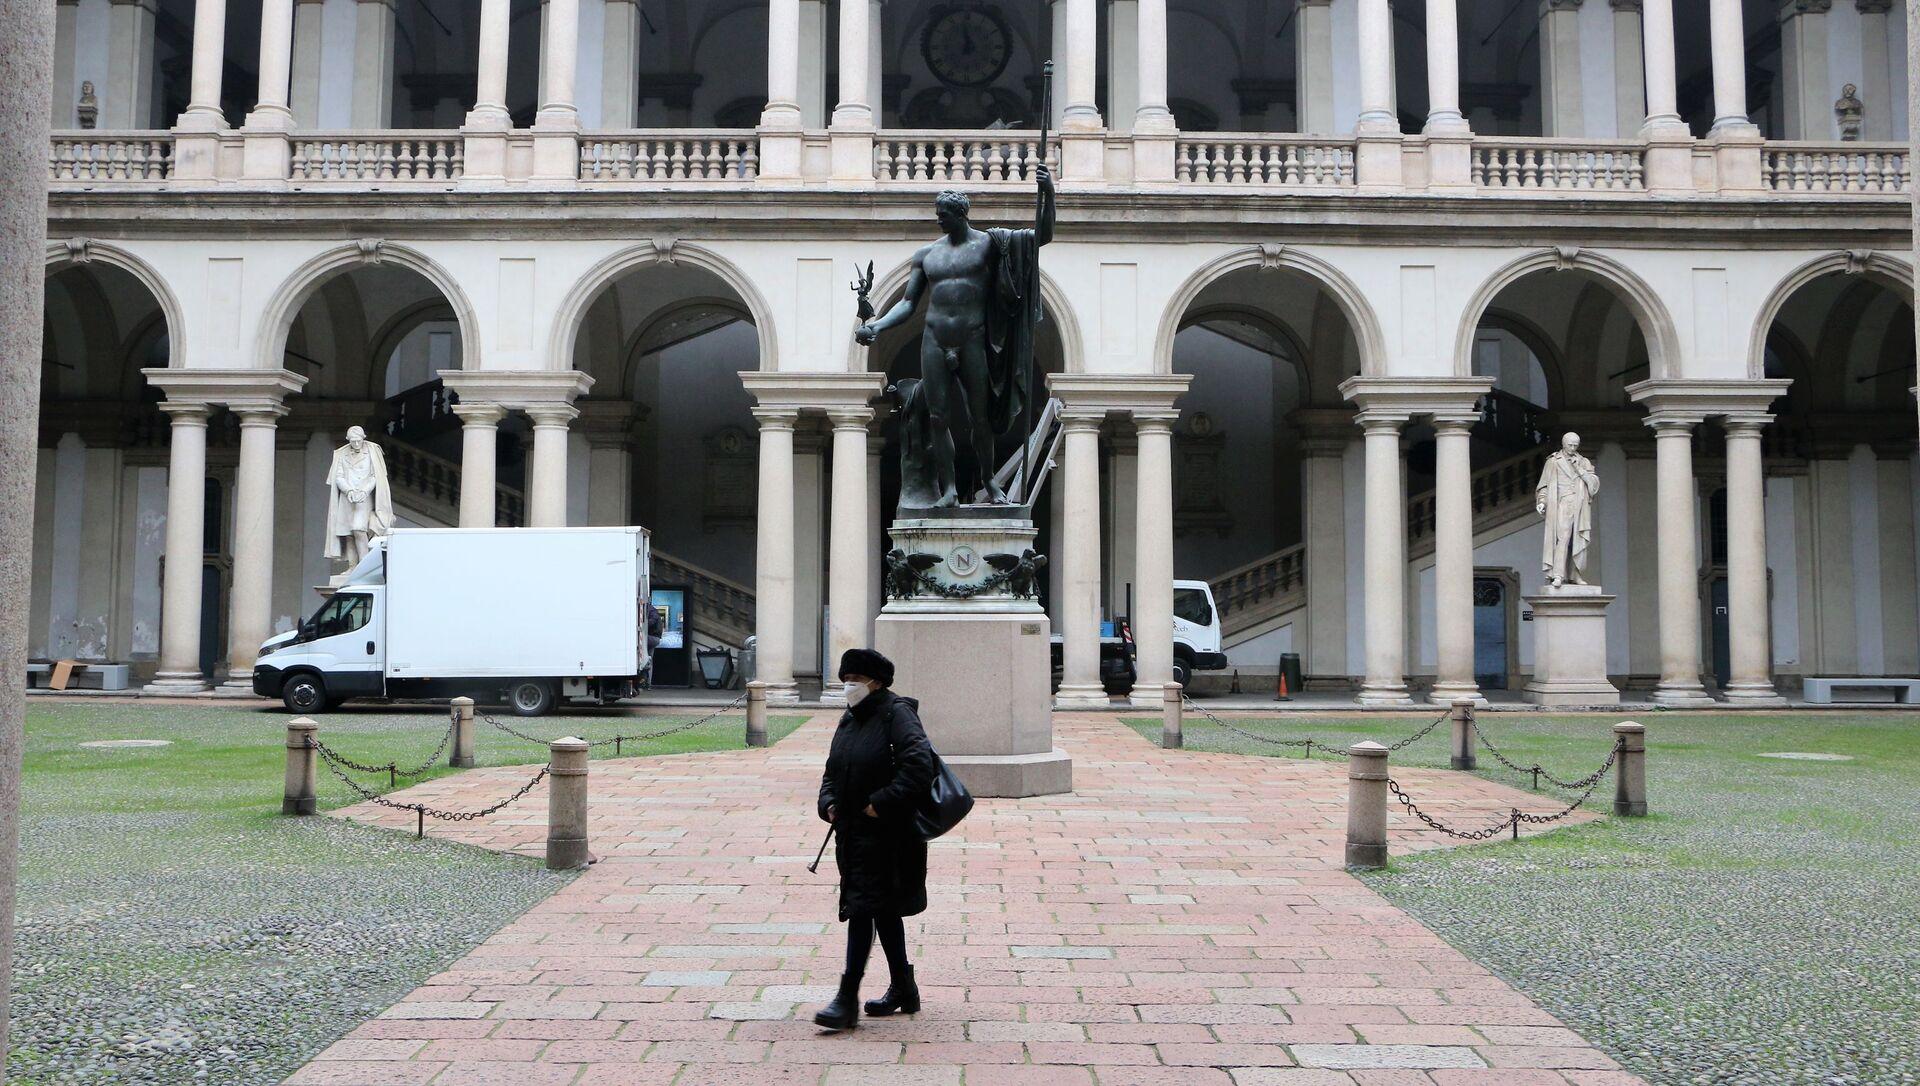 La Pinacoteca di Brera si apre dalla settimana prossima - Sputnik Italia, 1920, 03.02.2021